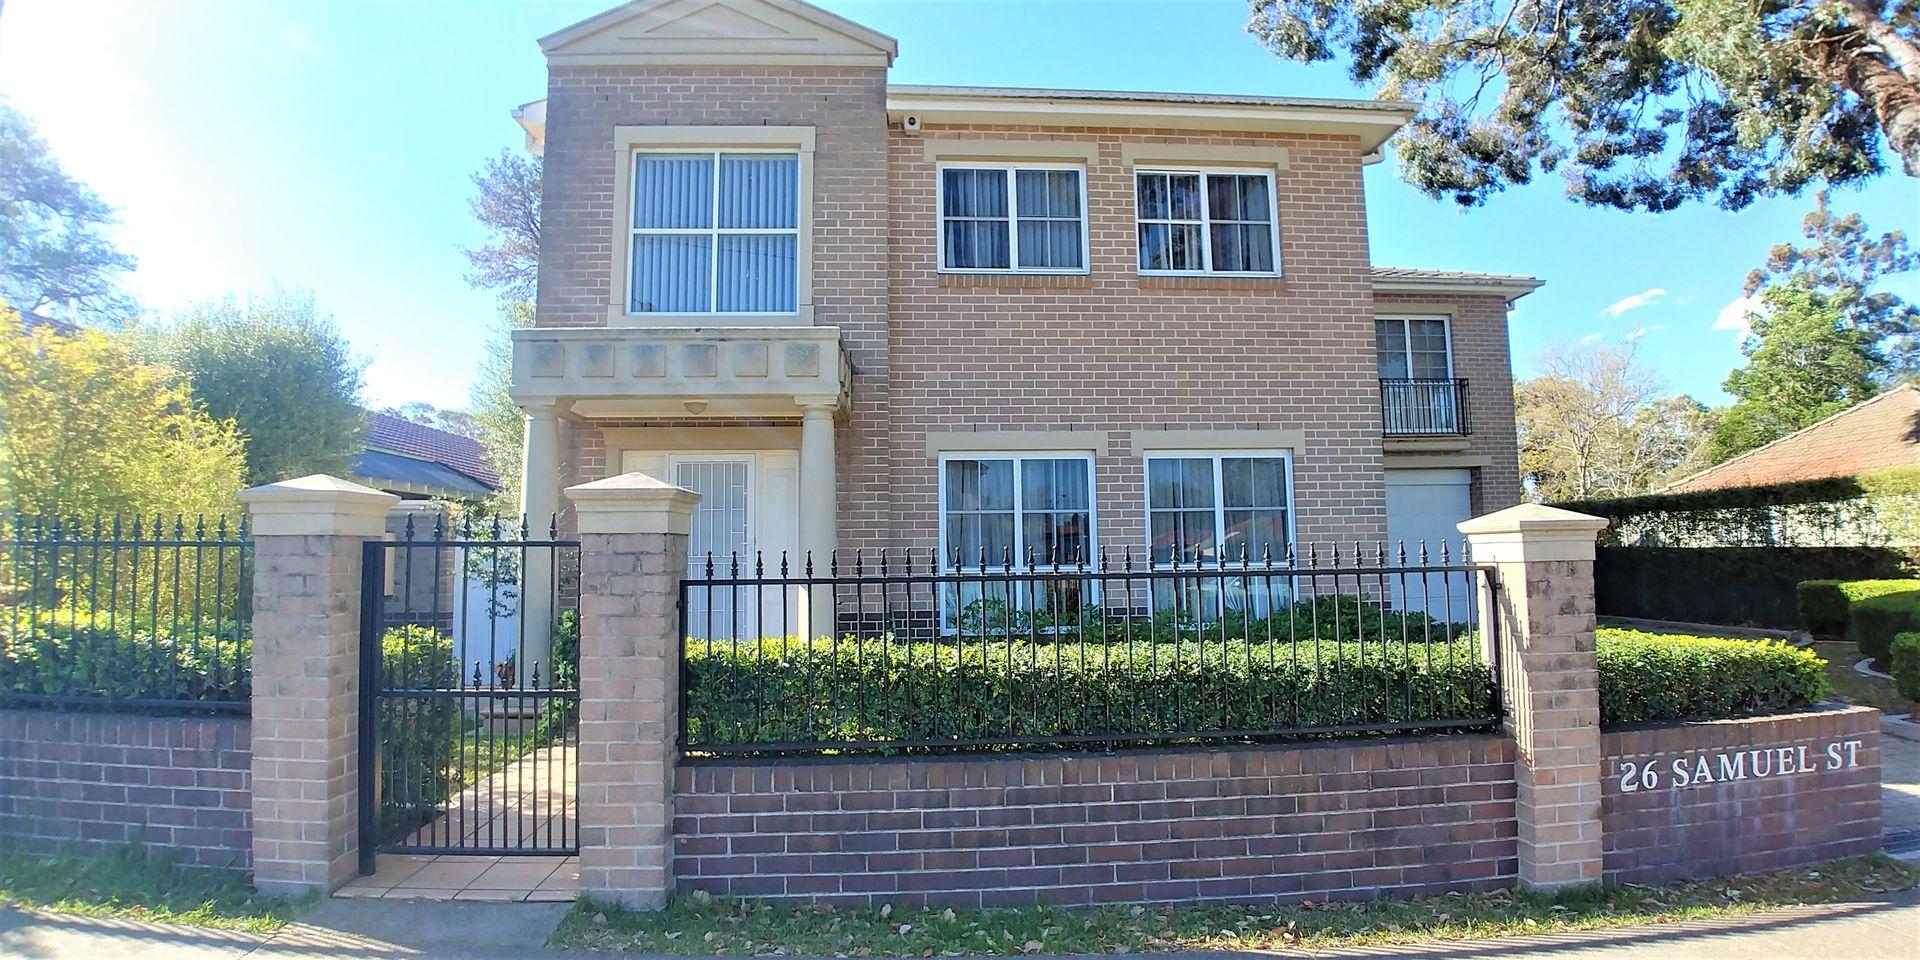 1/26 Samuel St, Peakhurst NSW 2210, Image 0